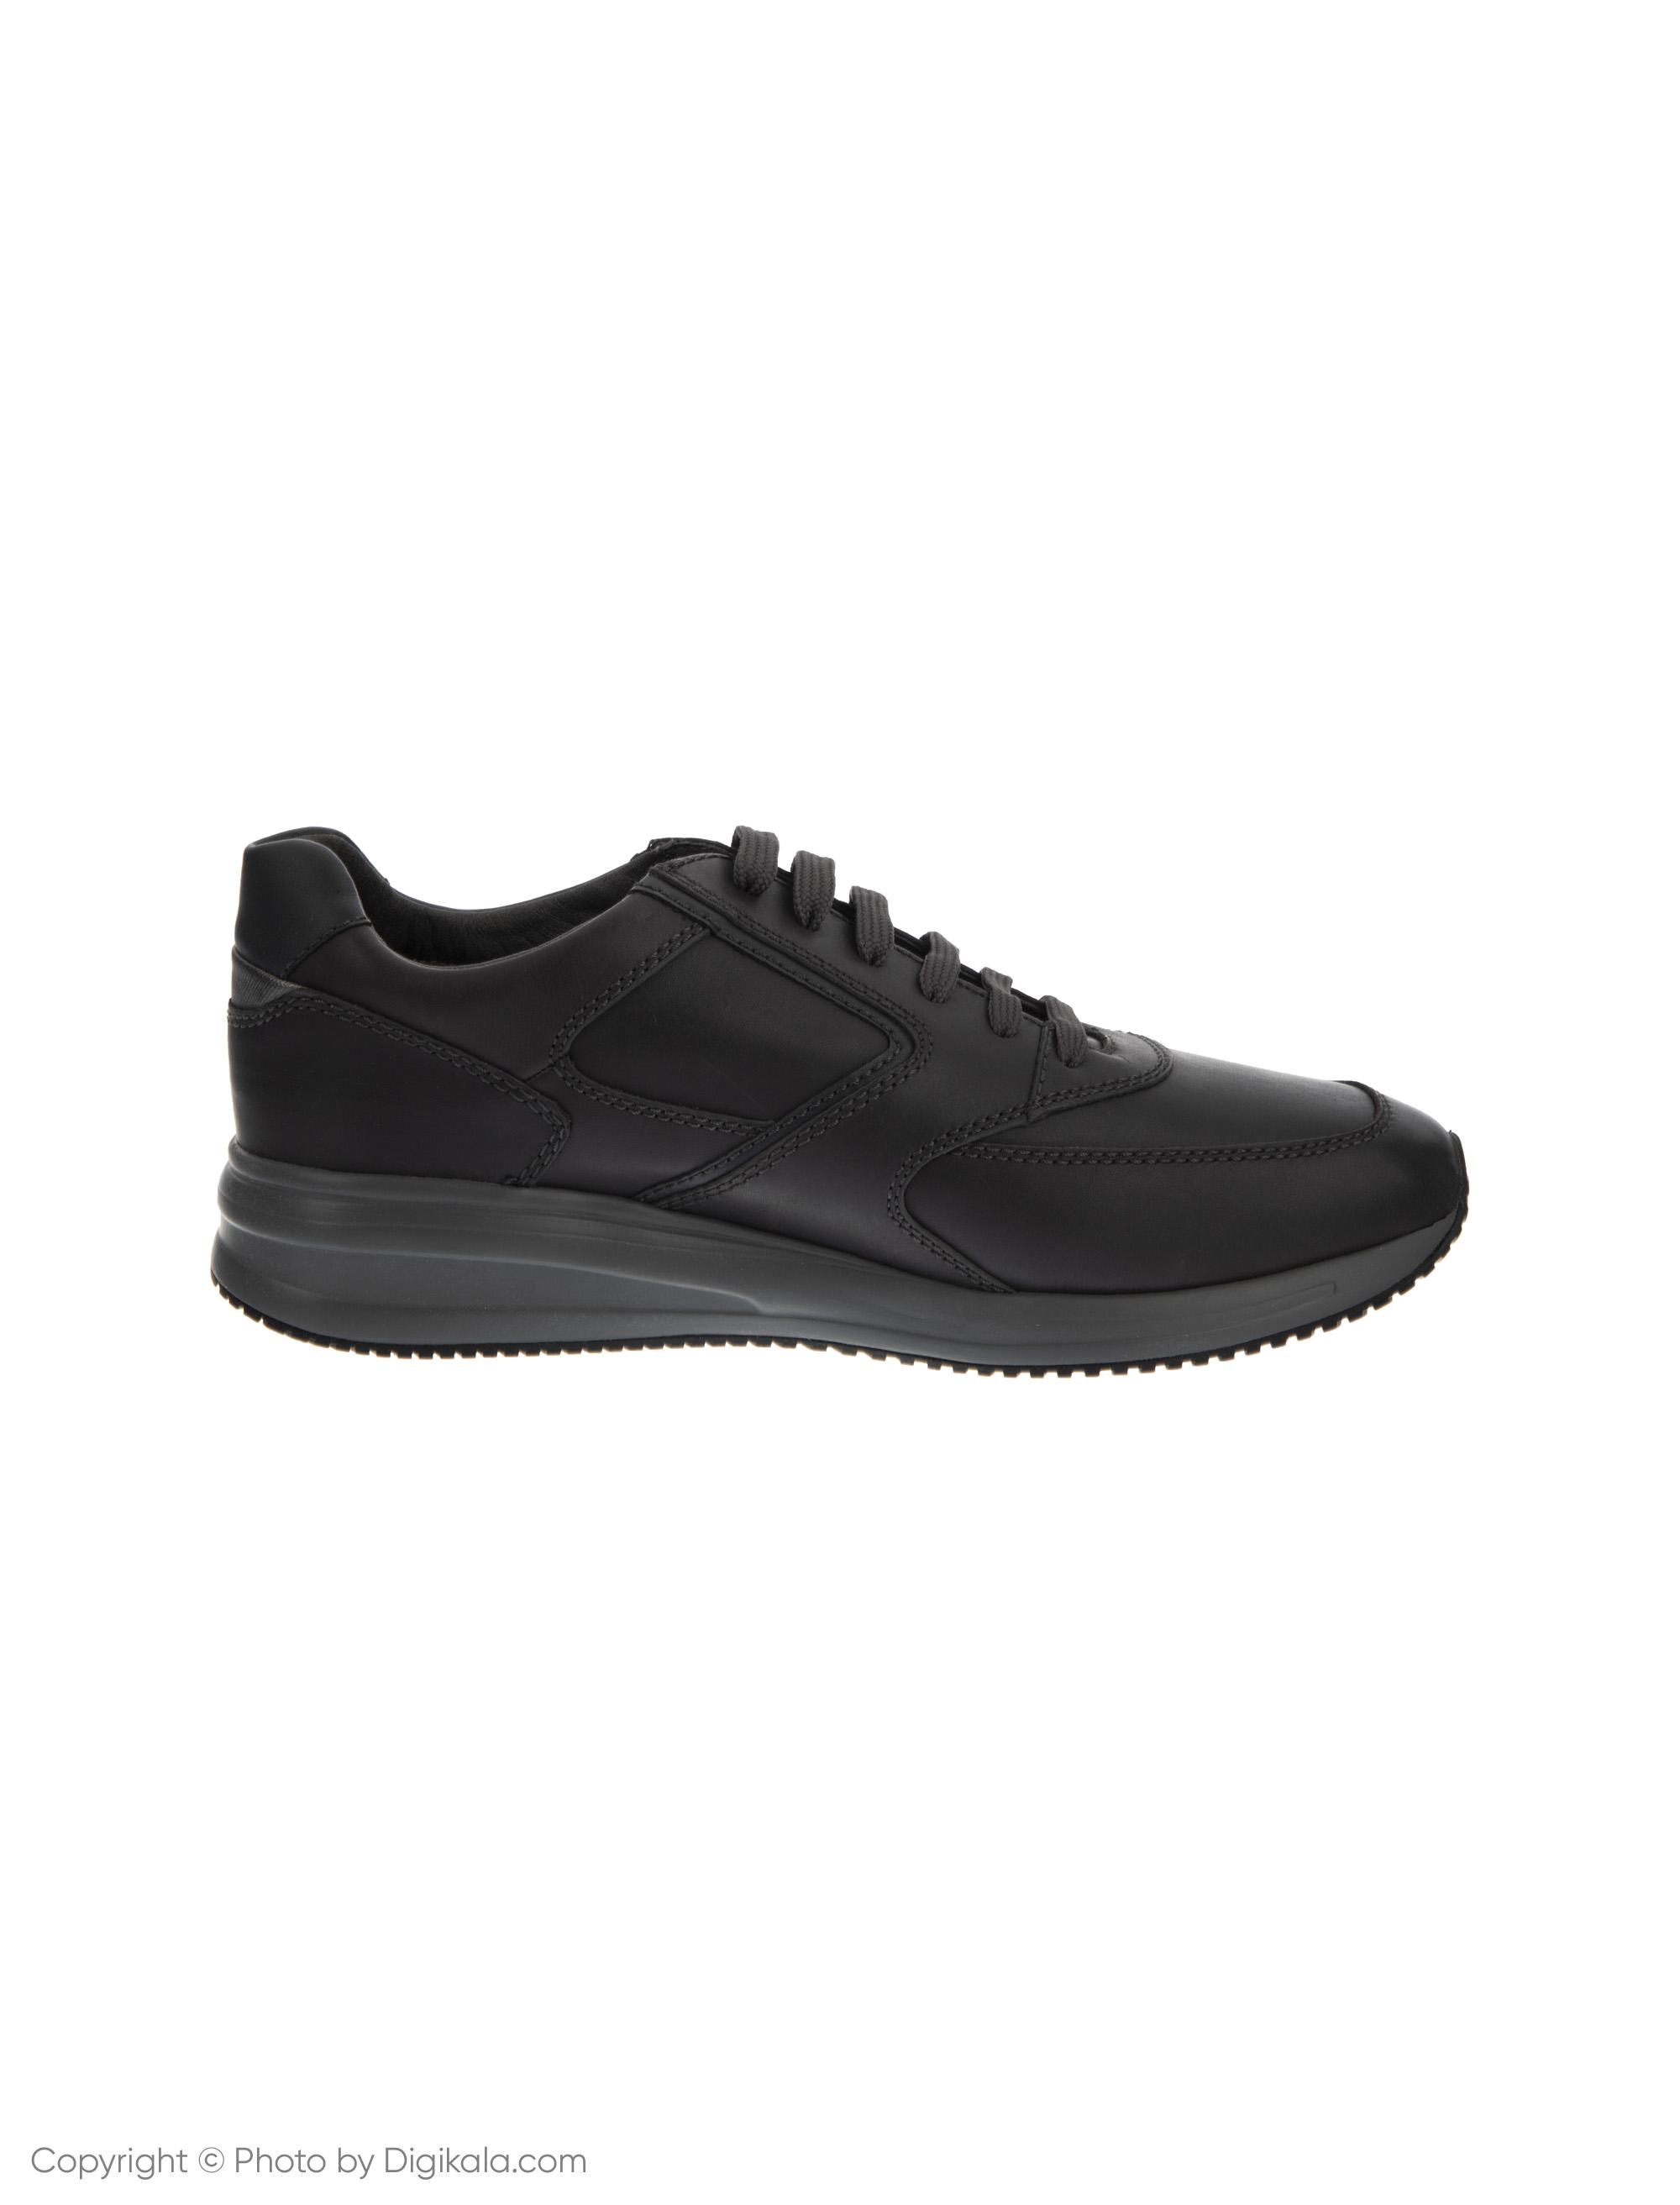 کفش مردانه جی اوکس مدل U740GA-043PV-C9004